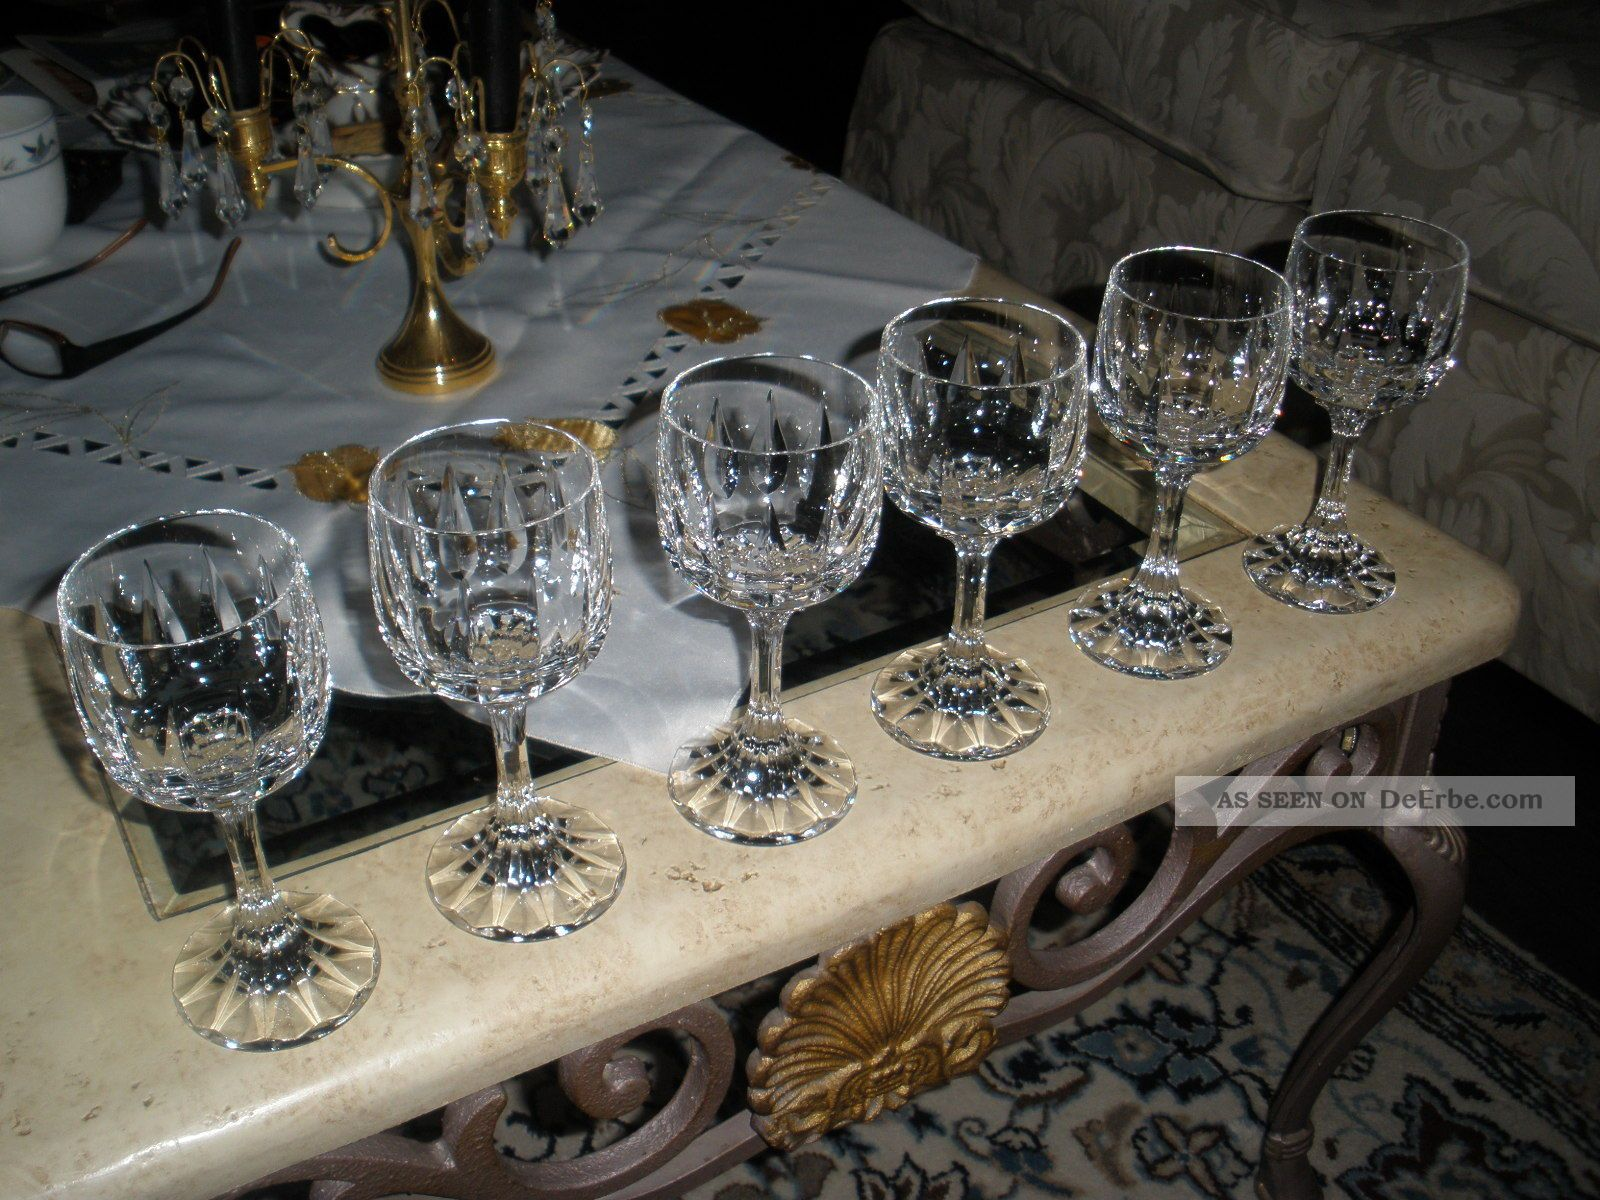 villeroy boch arabelle 6 weingl ser echt bleikristall gl ser kristallgl ser. Black Bedroom Furniture Sets. Home Design Ideas